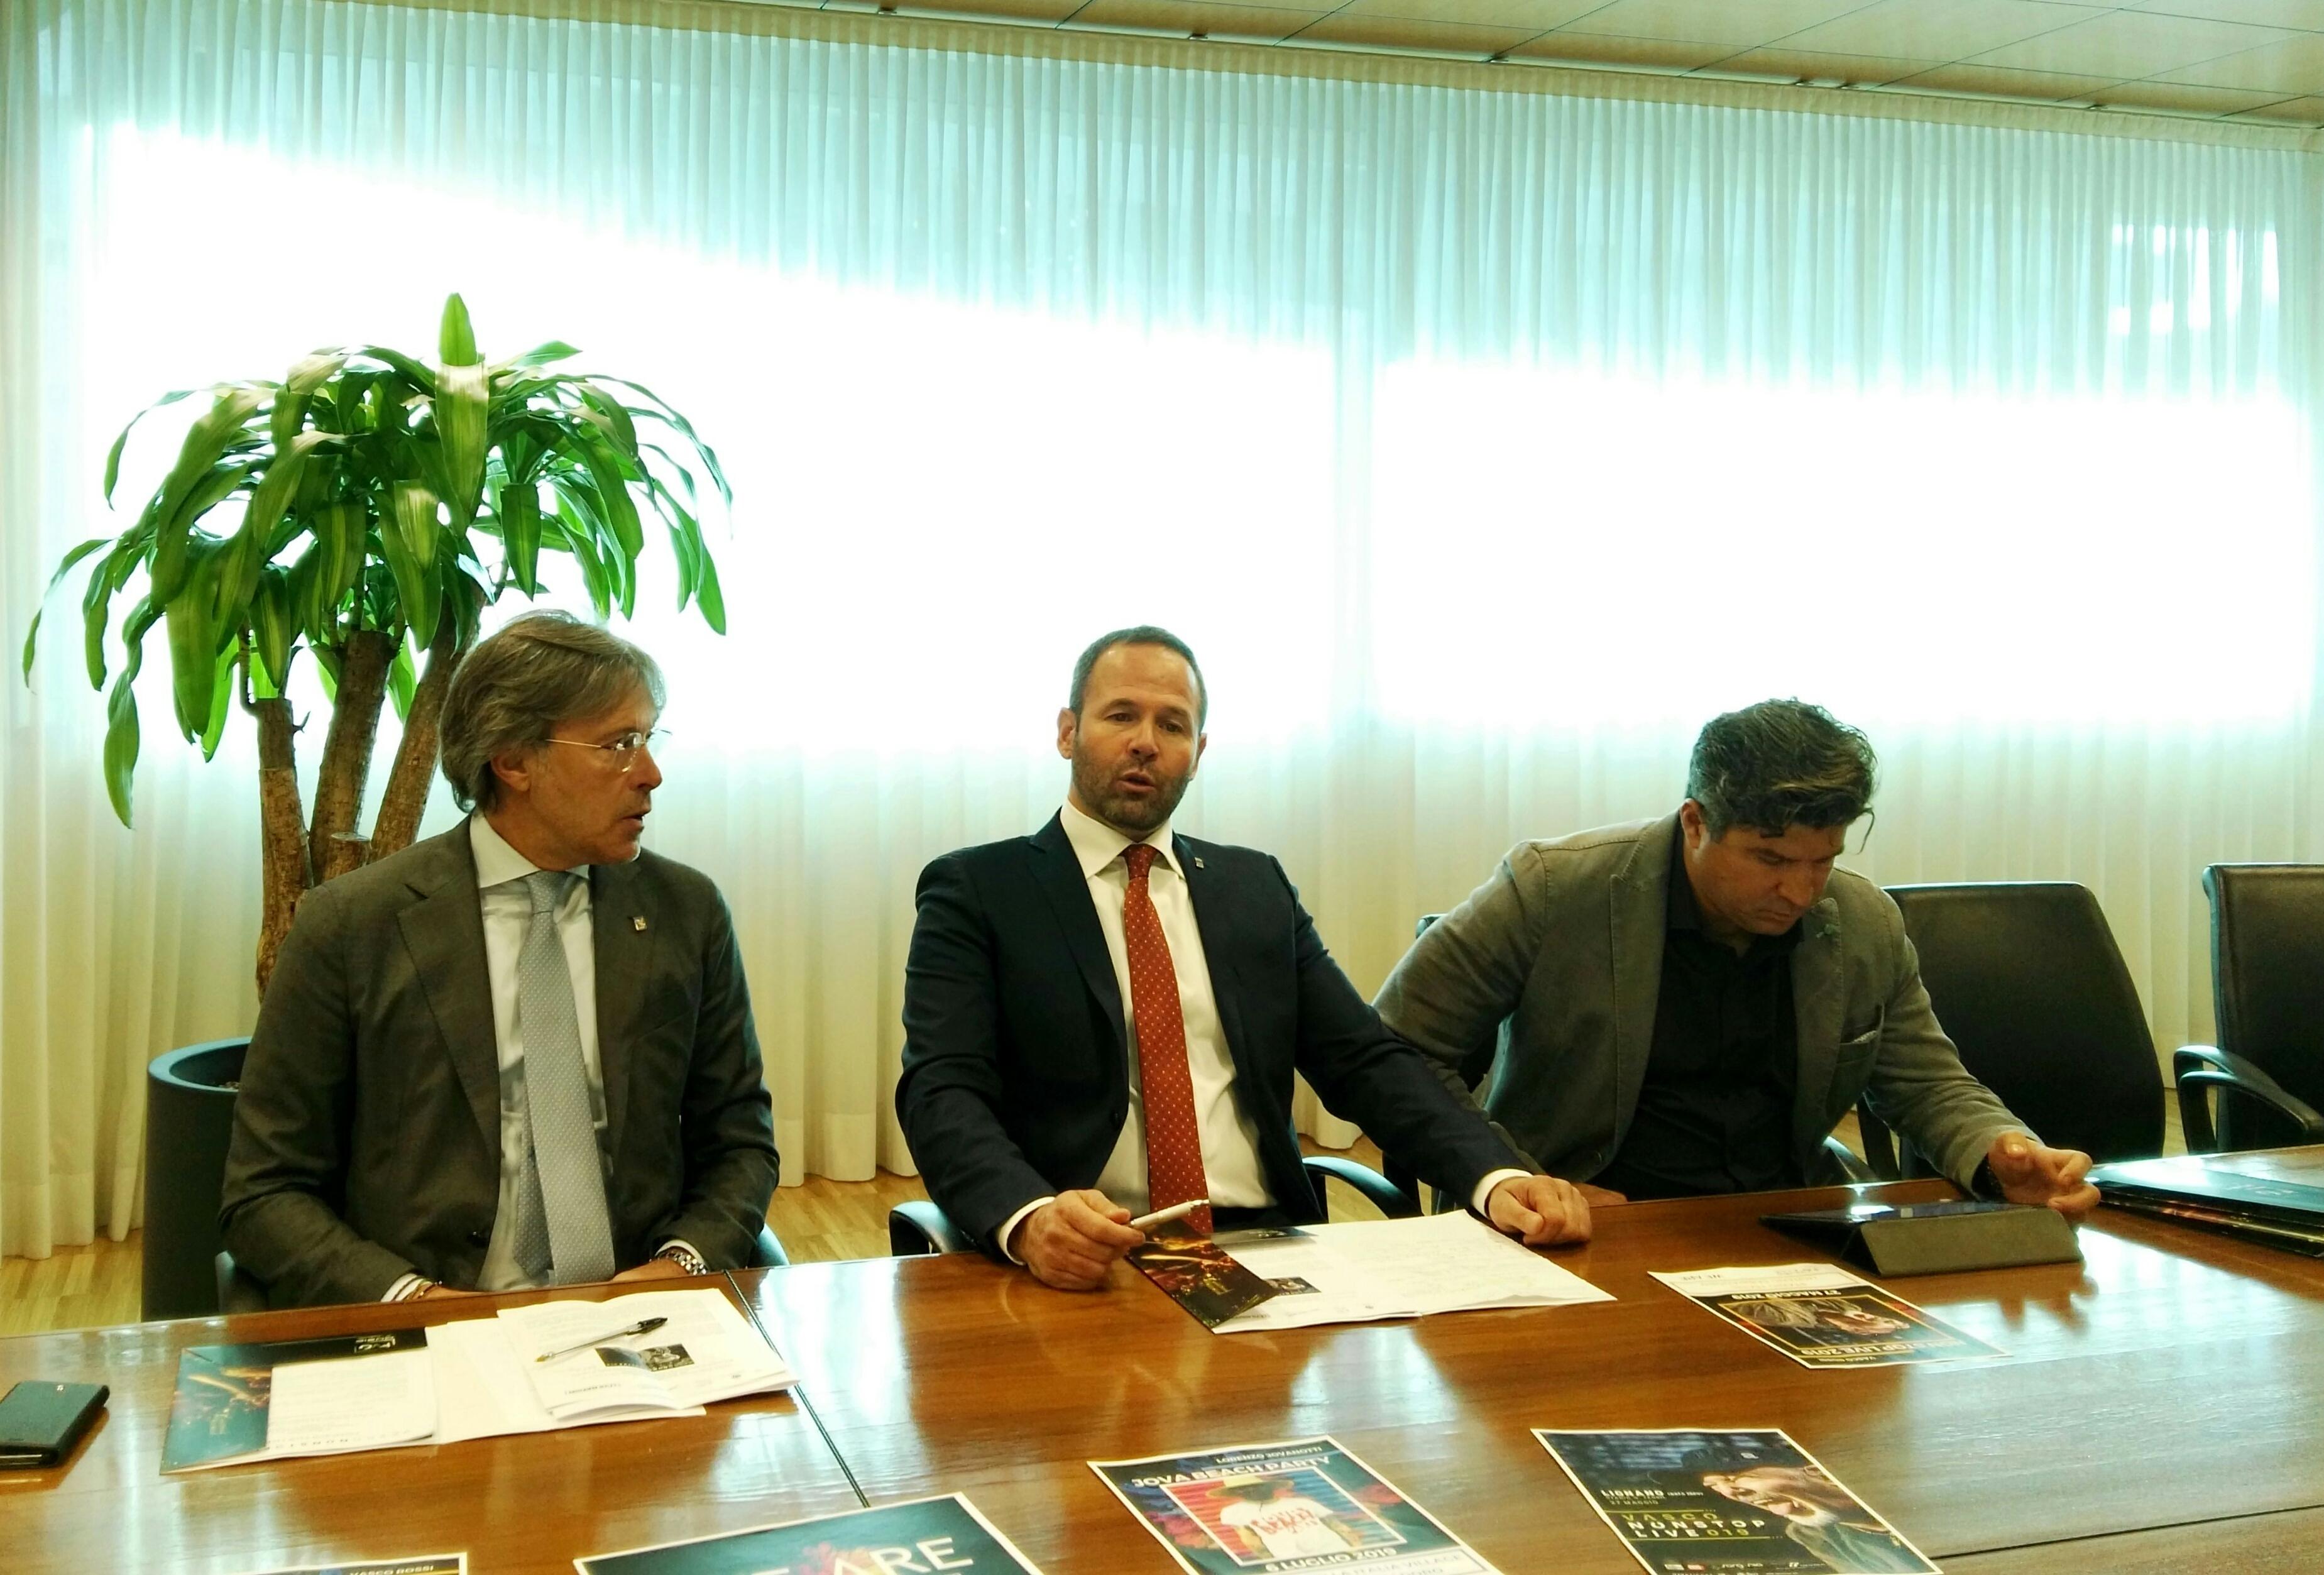 Conferenza stampa per il concerto di Vasco-2